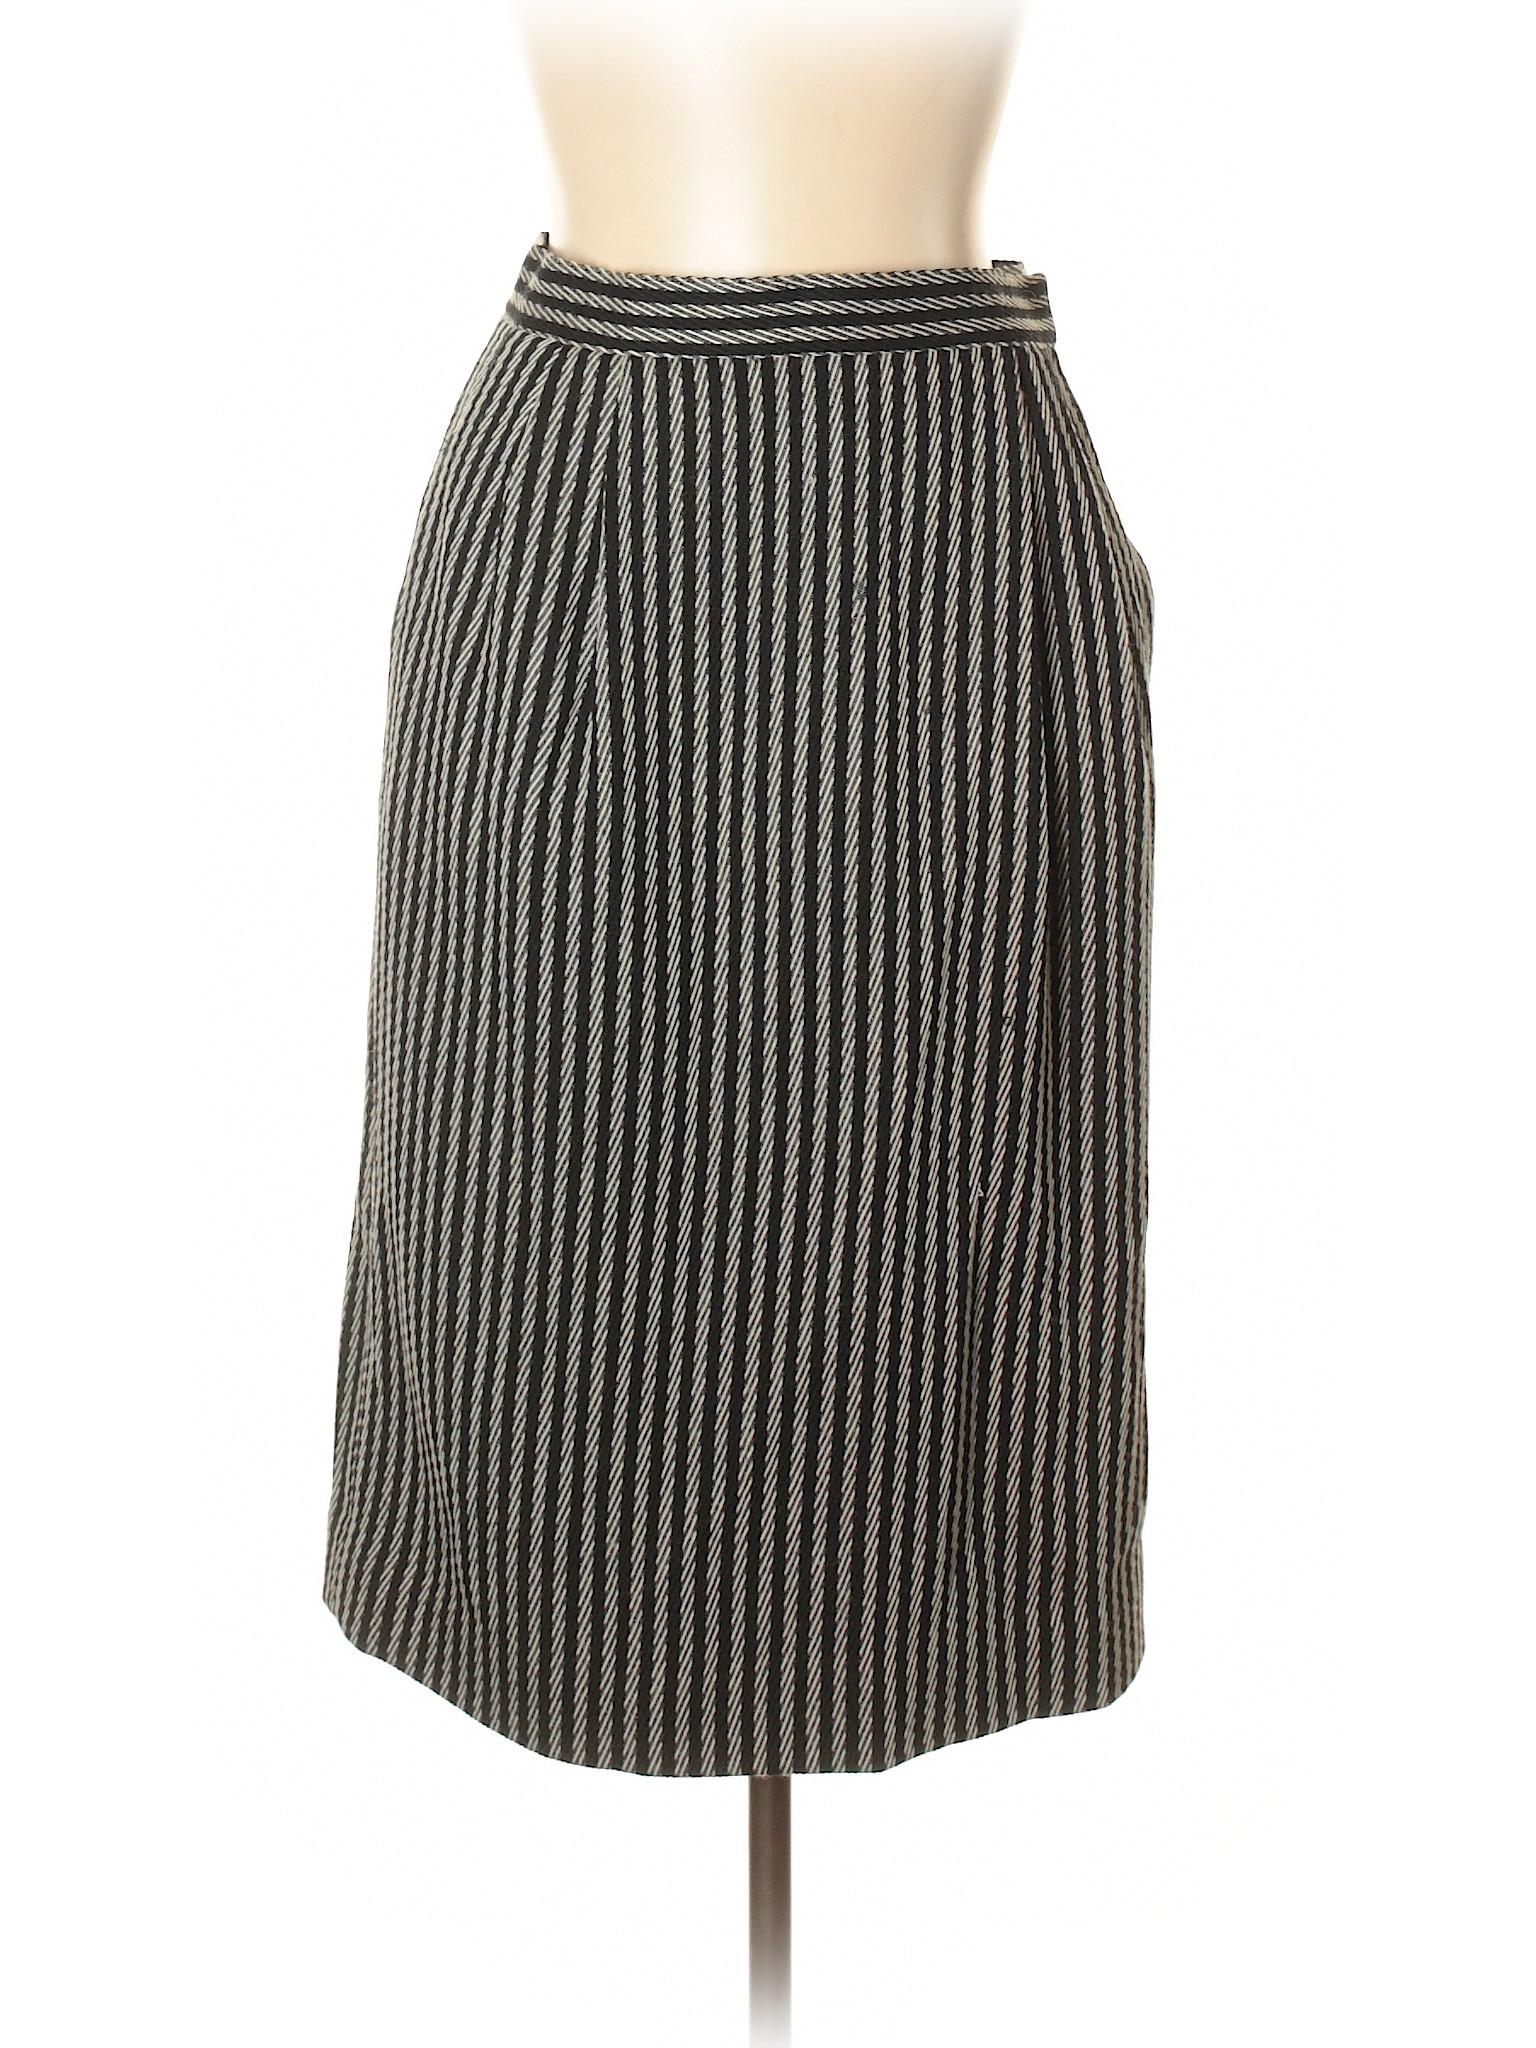 Wool Wool Skirt Skirt Wool Boutique Skirt Boutique Boutique Boutique qUPOTHw